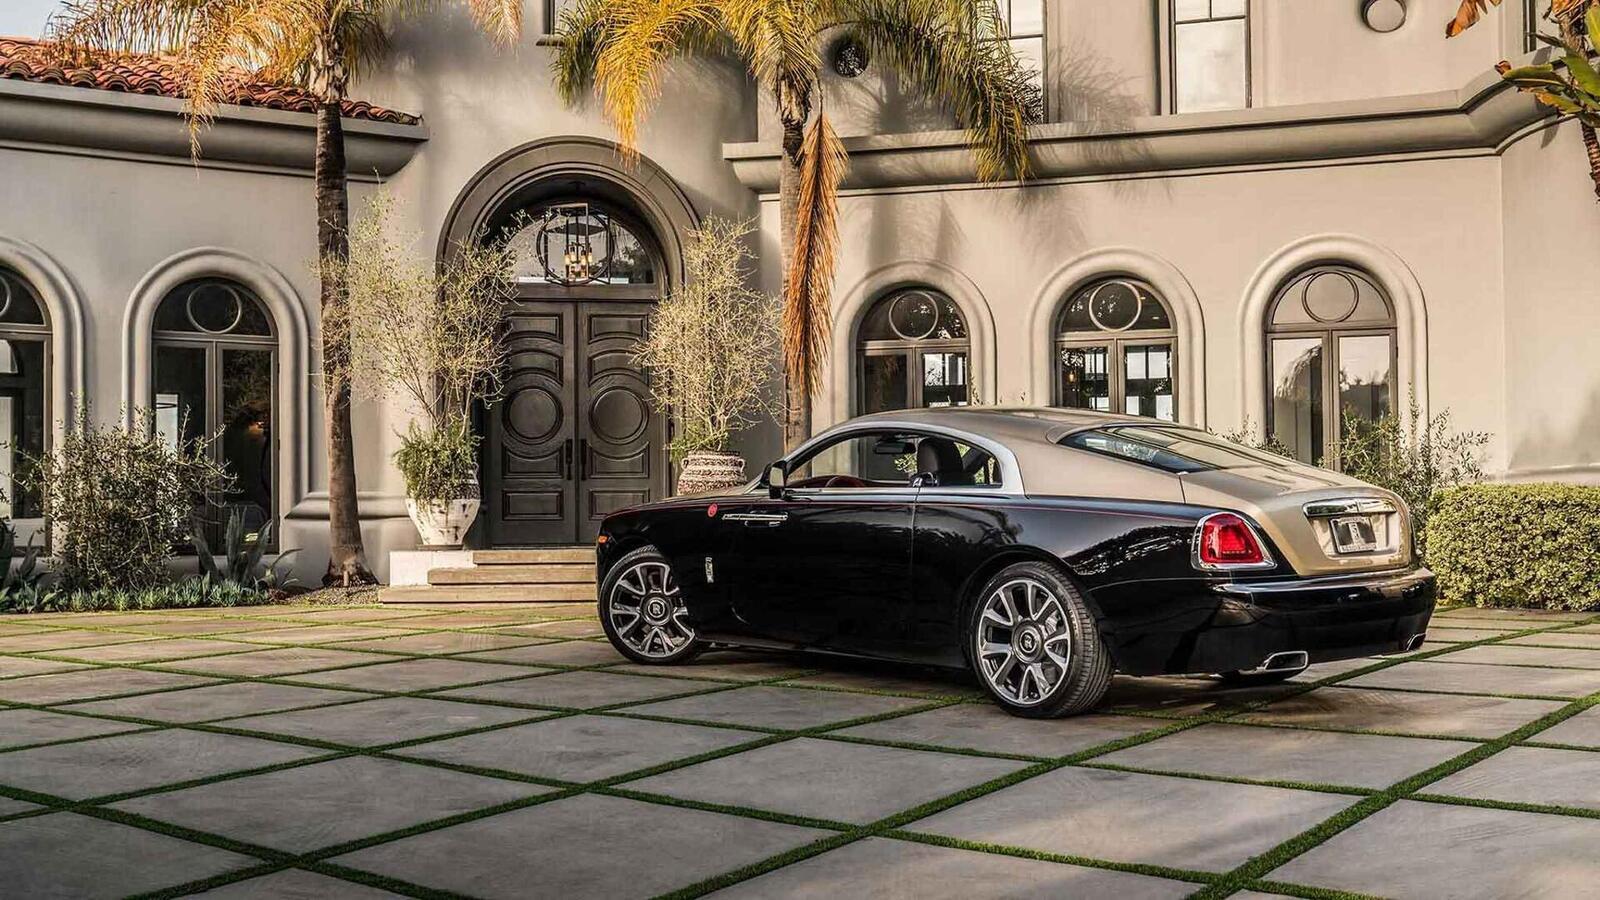 Mừng năm Kỷ Hợi, Rolls-Royce giới thiệu Ghost, Wraith và Dawn phiên bản đặc biệt ''Year of the Pig'' - Hình 6